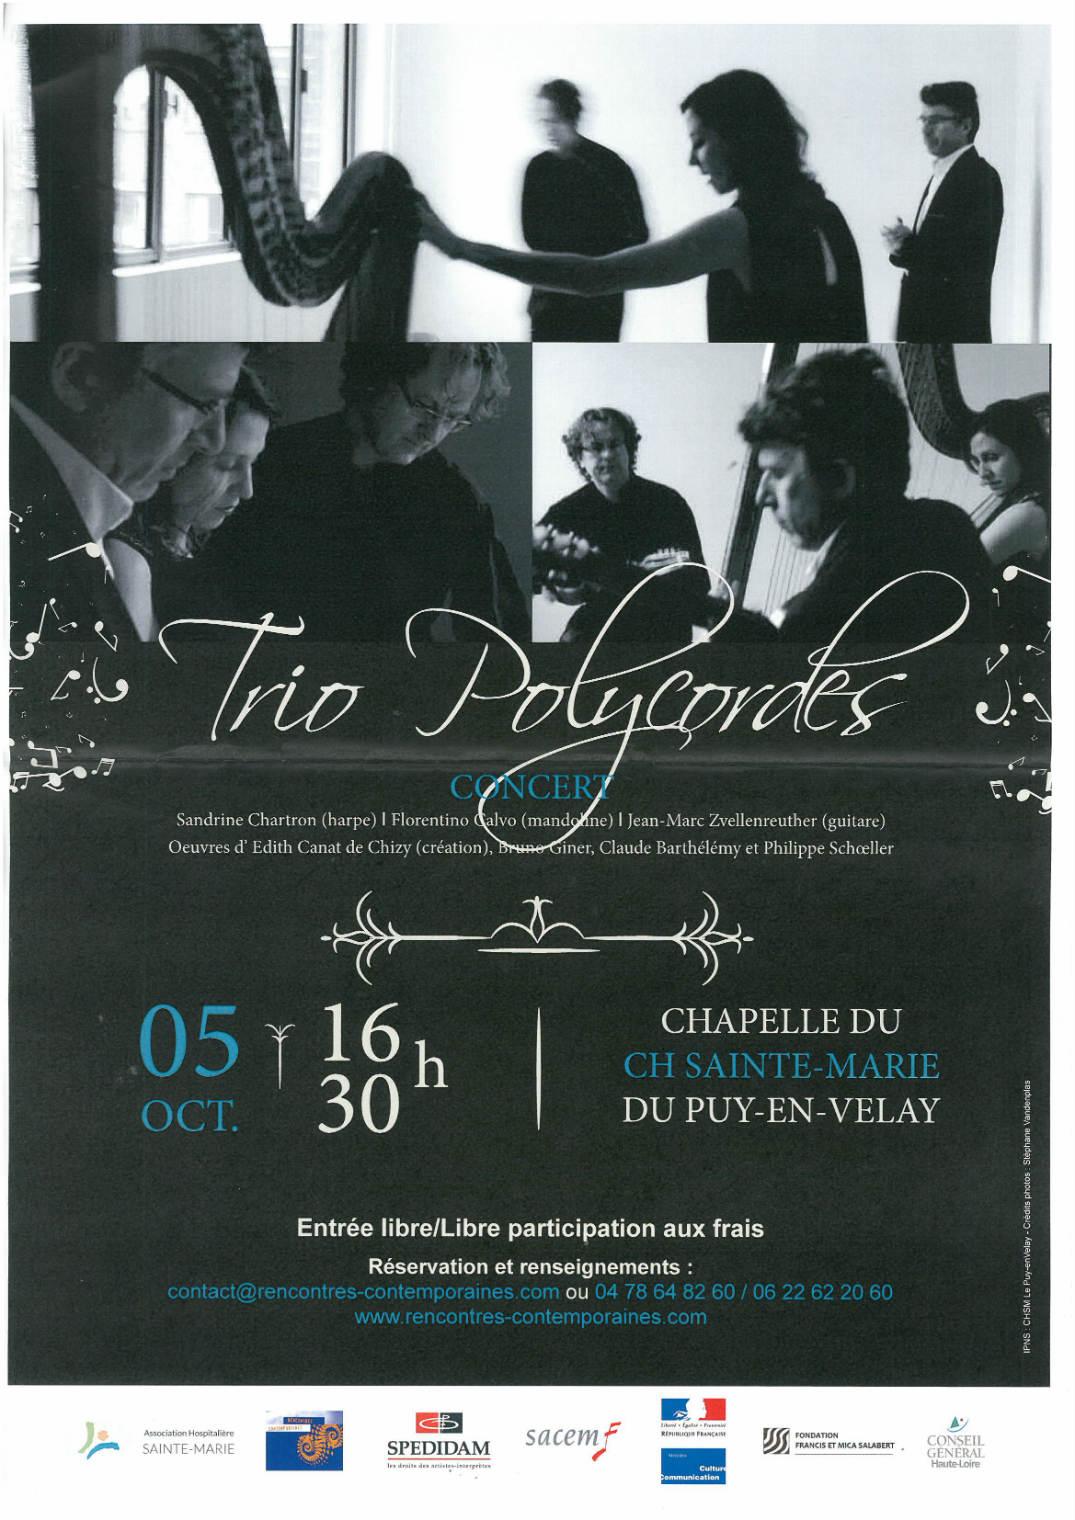 Design Creation Le Puy En Velay concert trio polycordes - communauté d'agglomération du puy